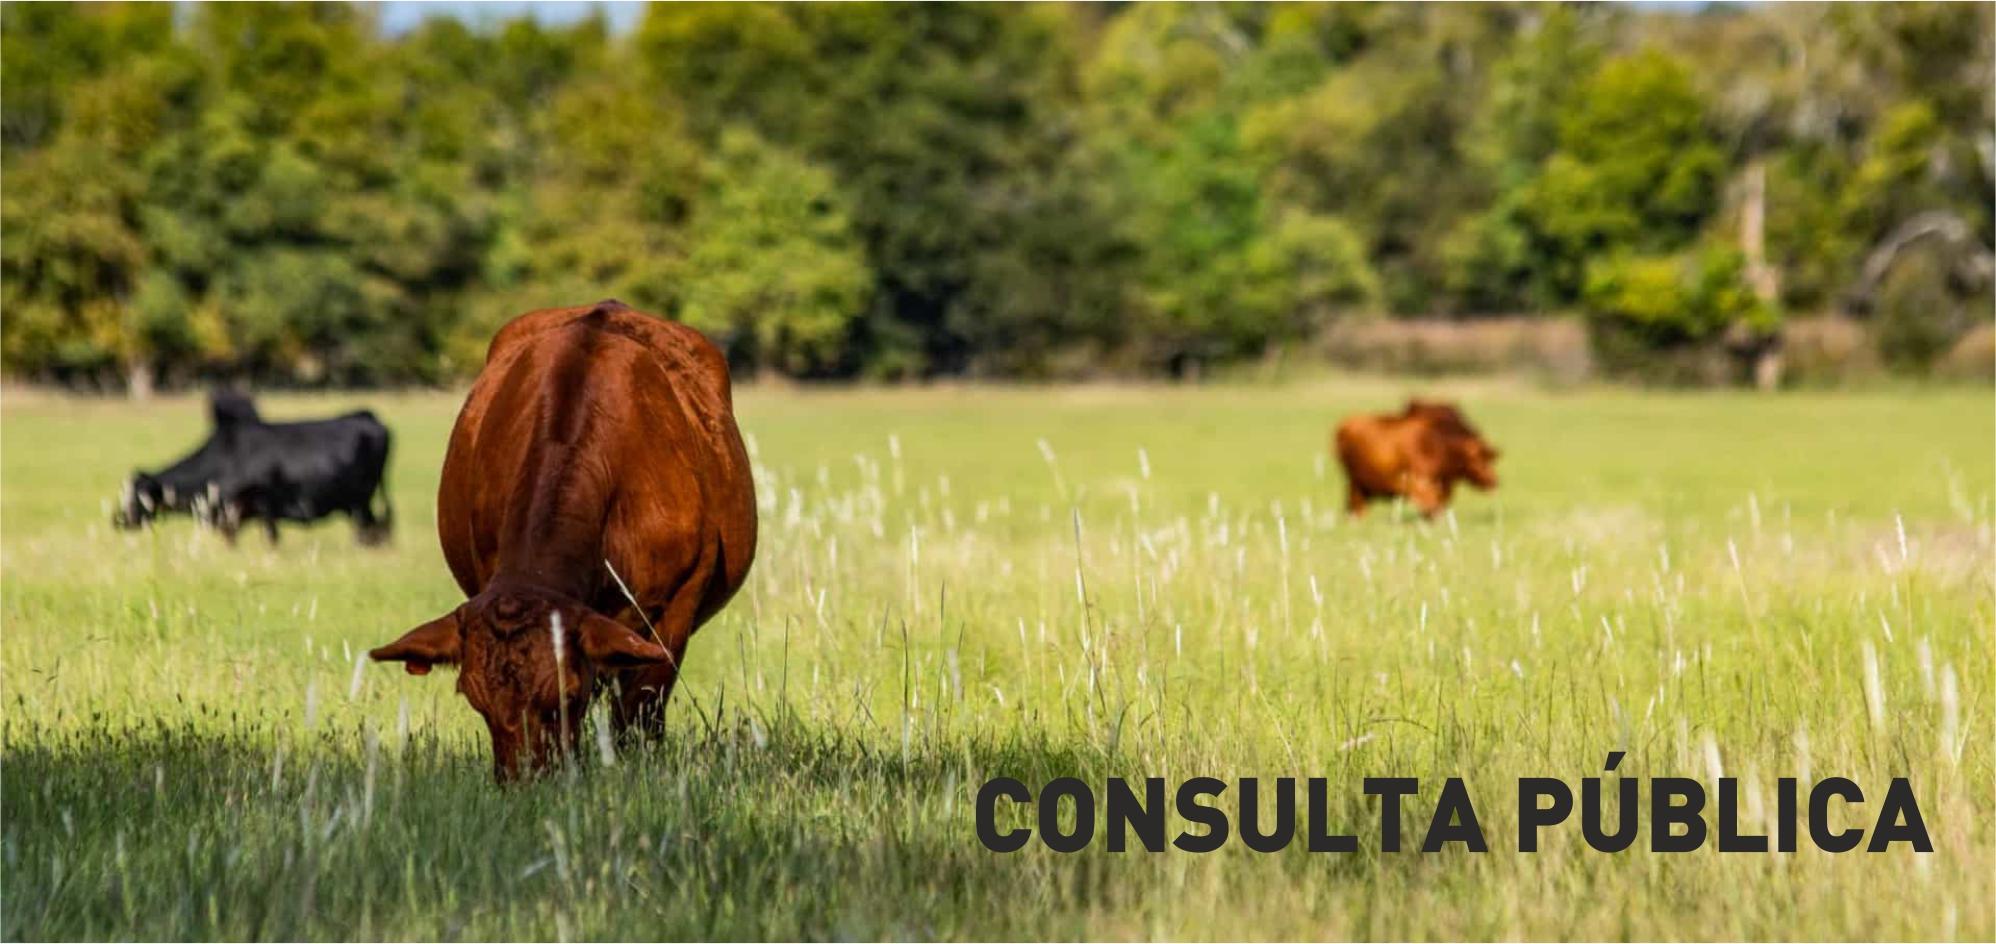 Consulta Pública – Projeto de Exploração Pecuária da Best Farmer – Núcleo de Produção 2